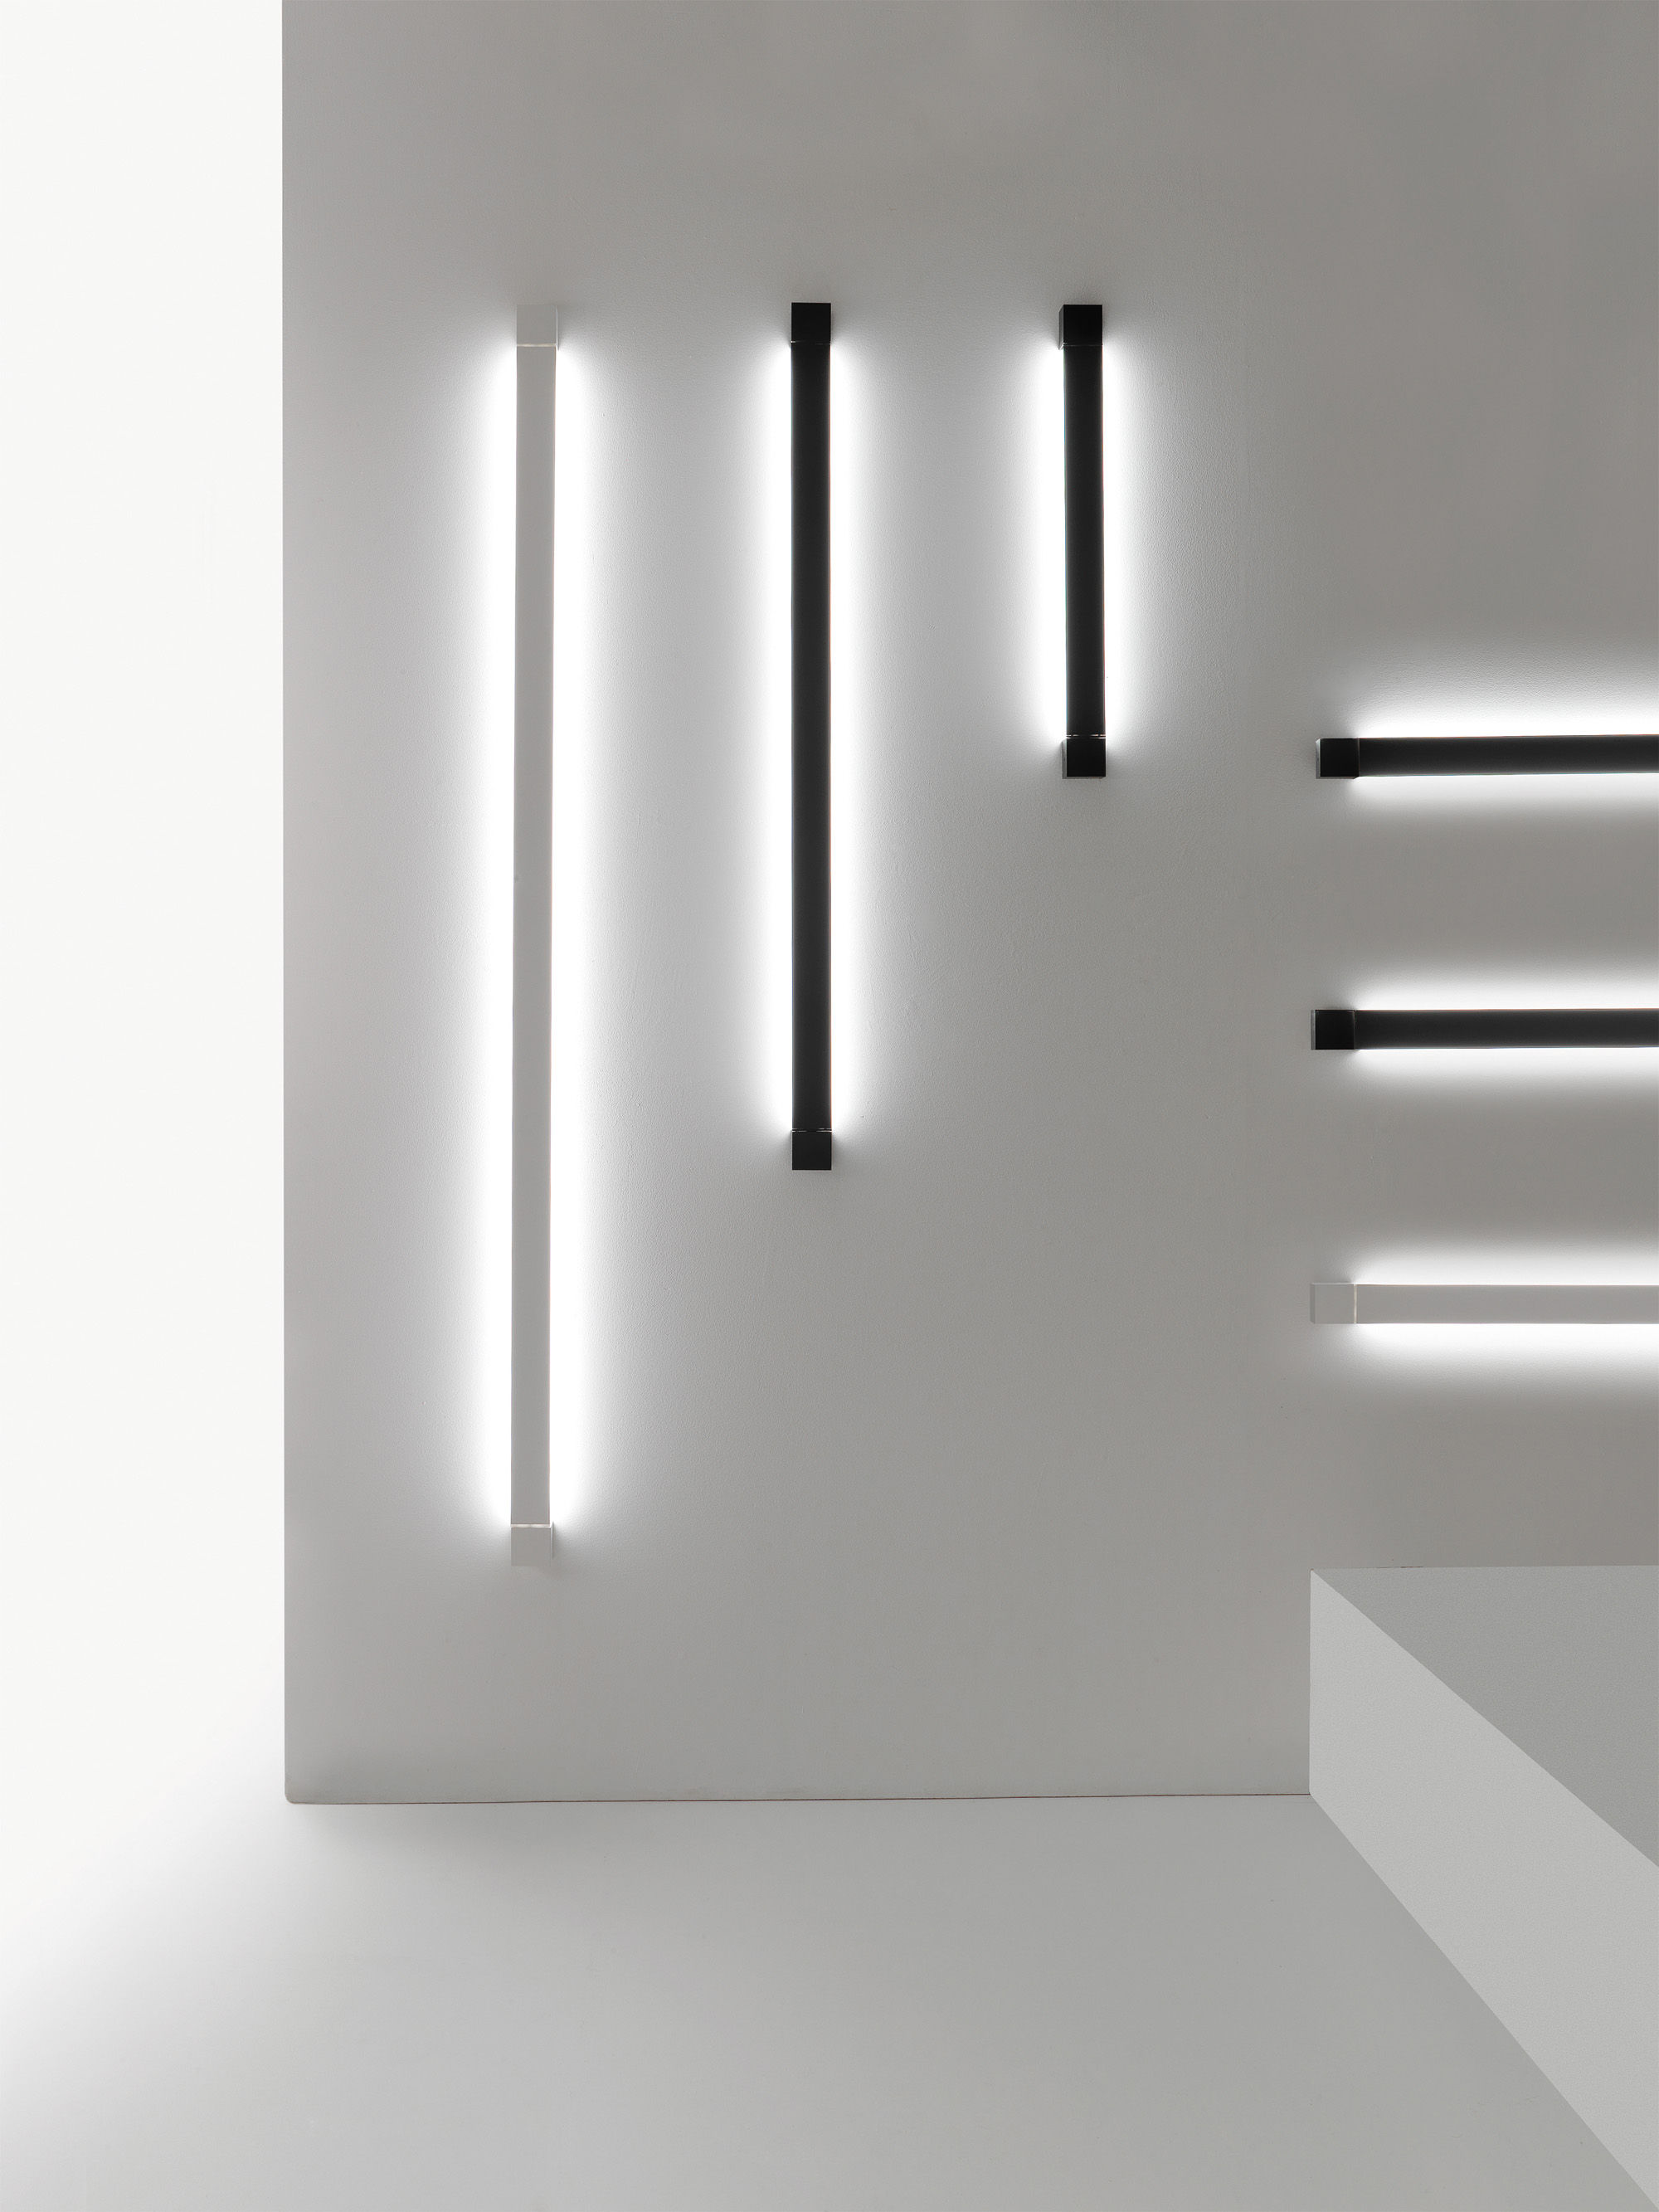 applique pivot led plafonnier l 112 cm blanc fabbian. Black Bedroom Furniture Sets. Home Design Ideas